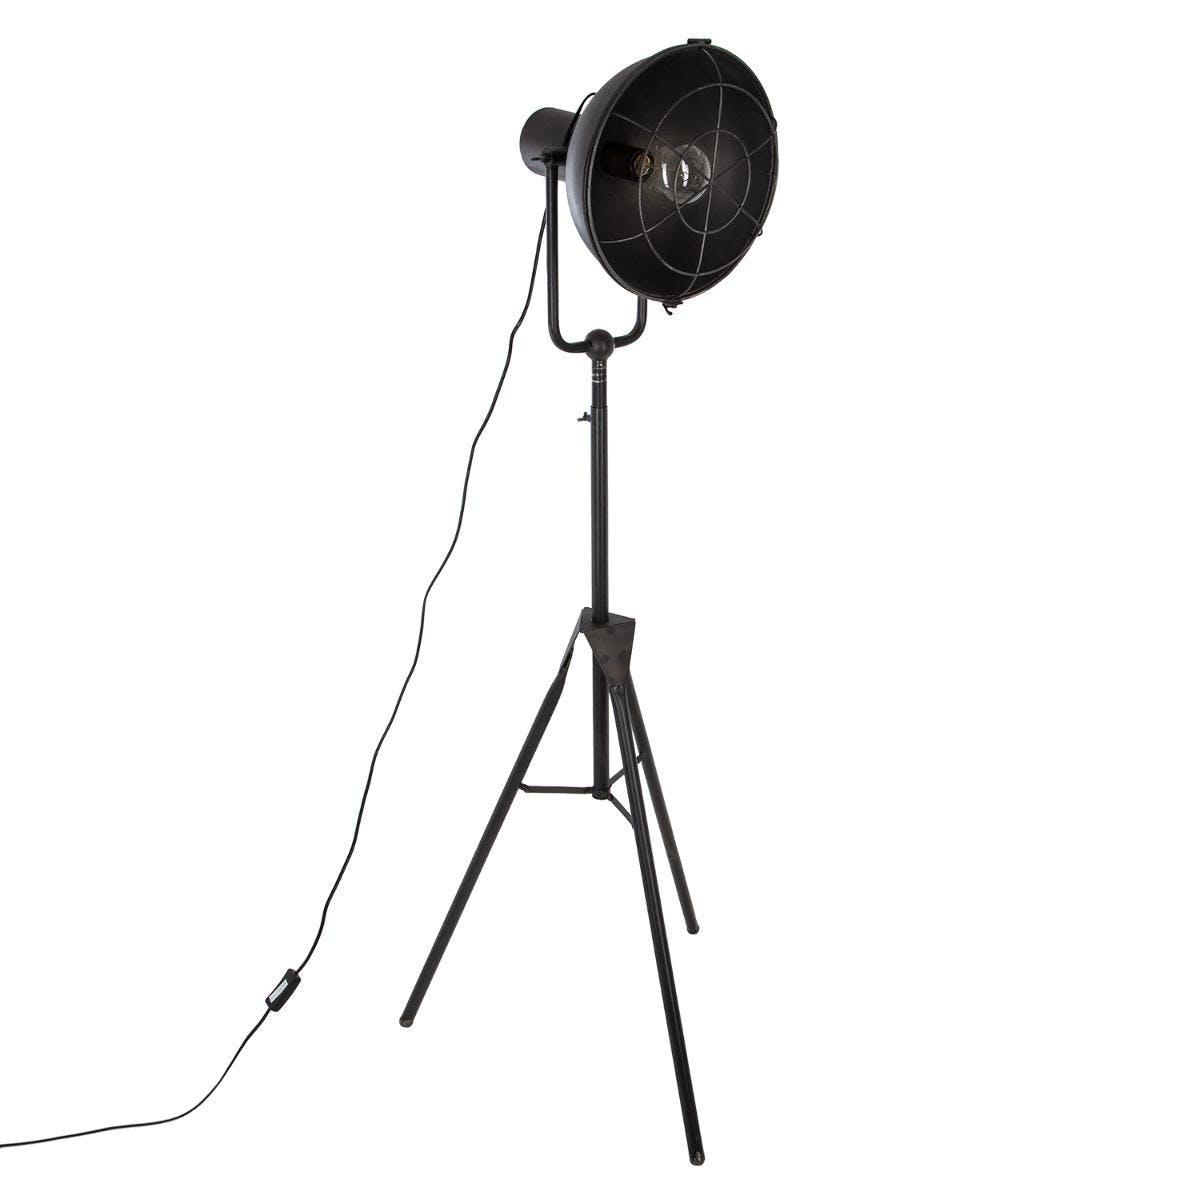 Lampadaire trépied spot en métal noir H150